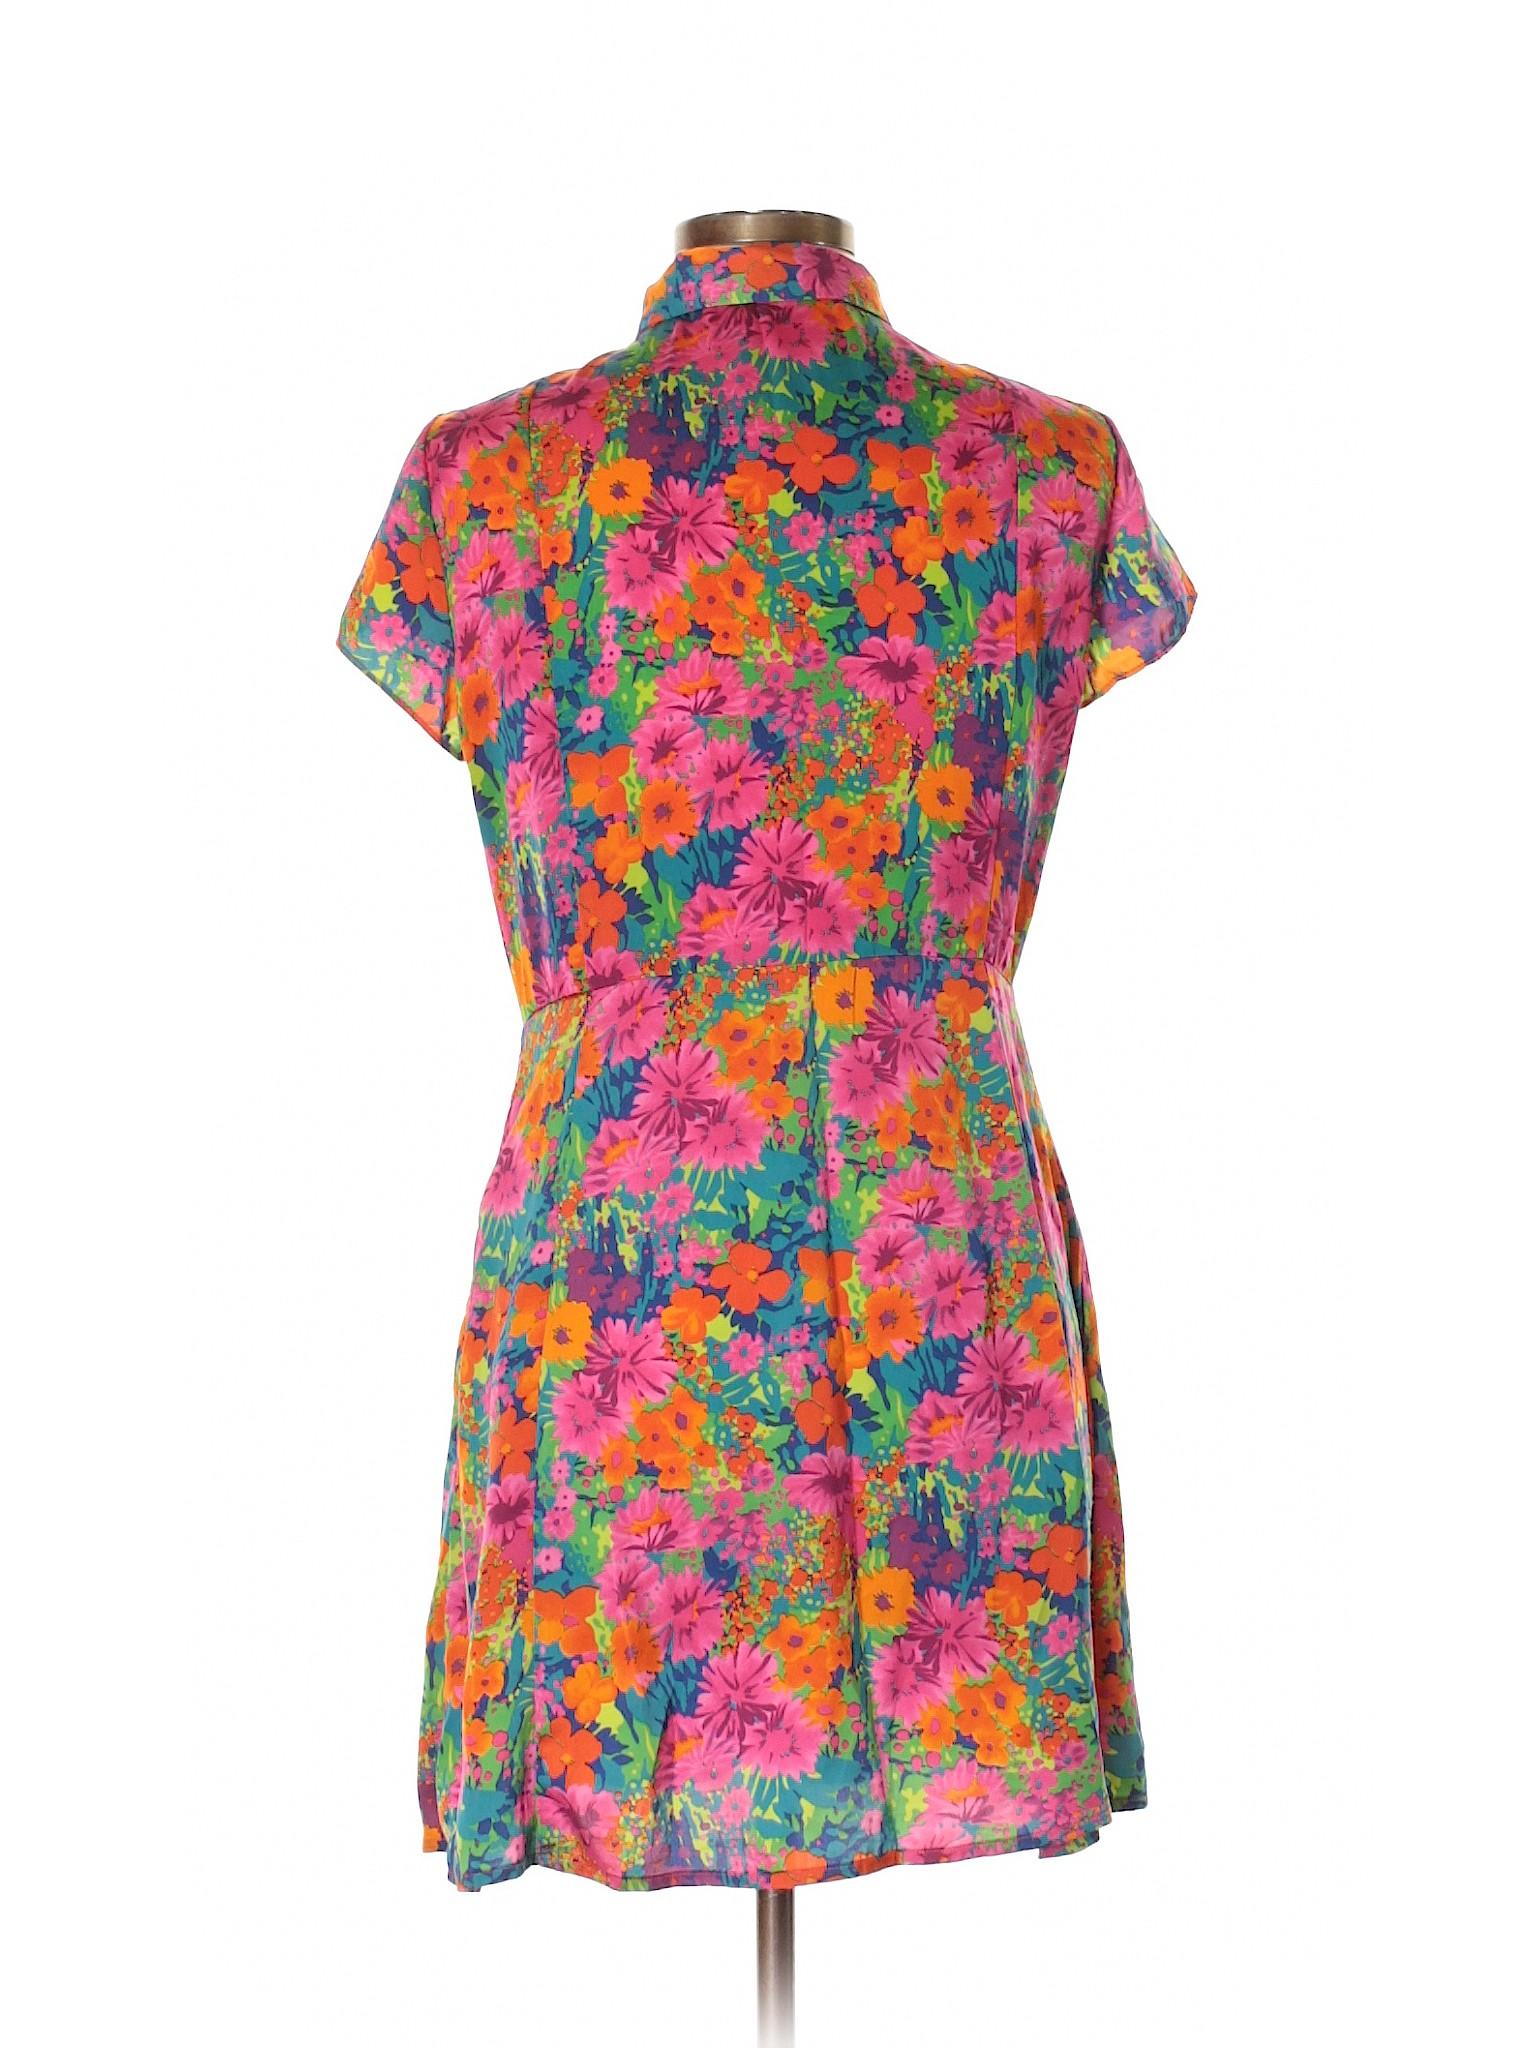 Dress Boutique Casual winter Zara winter Boutique wXqxS66Hda